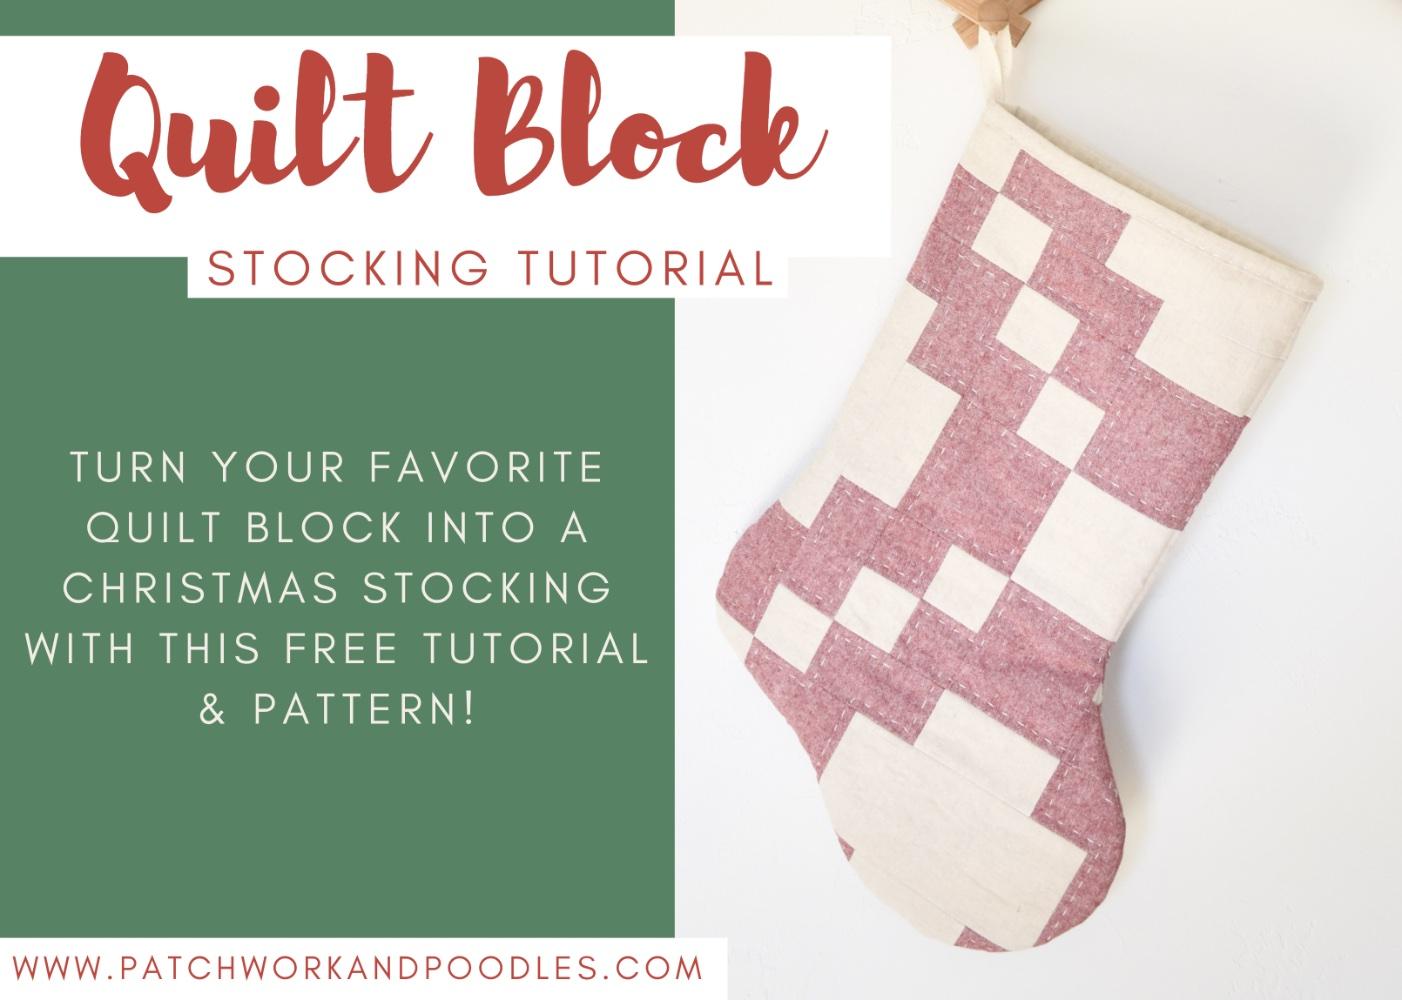 Quilt Block Stockings